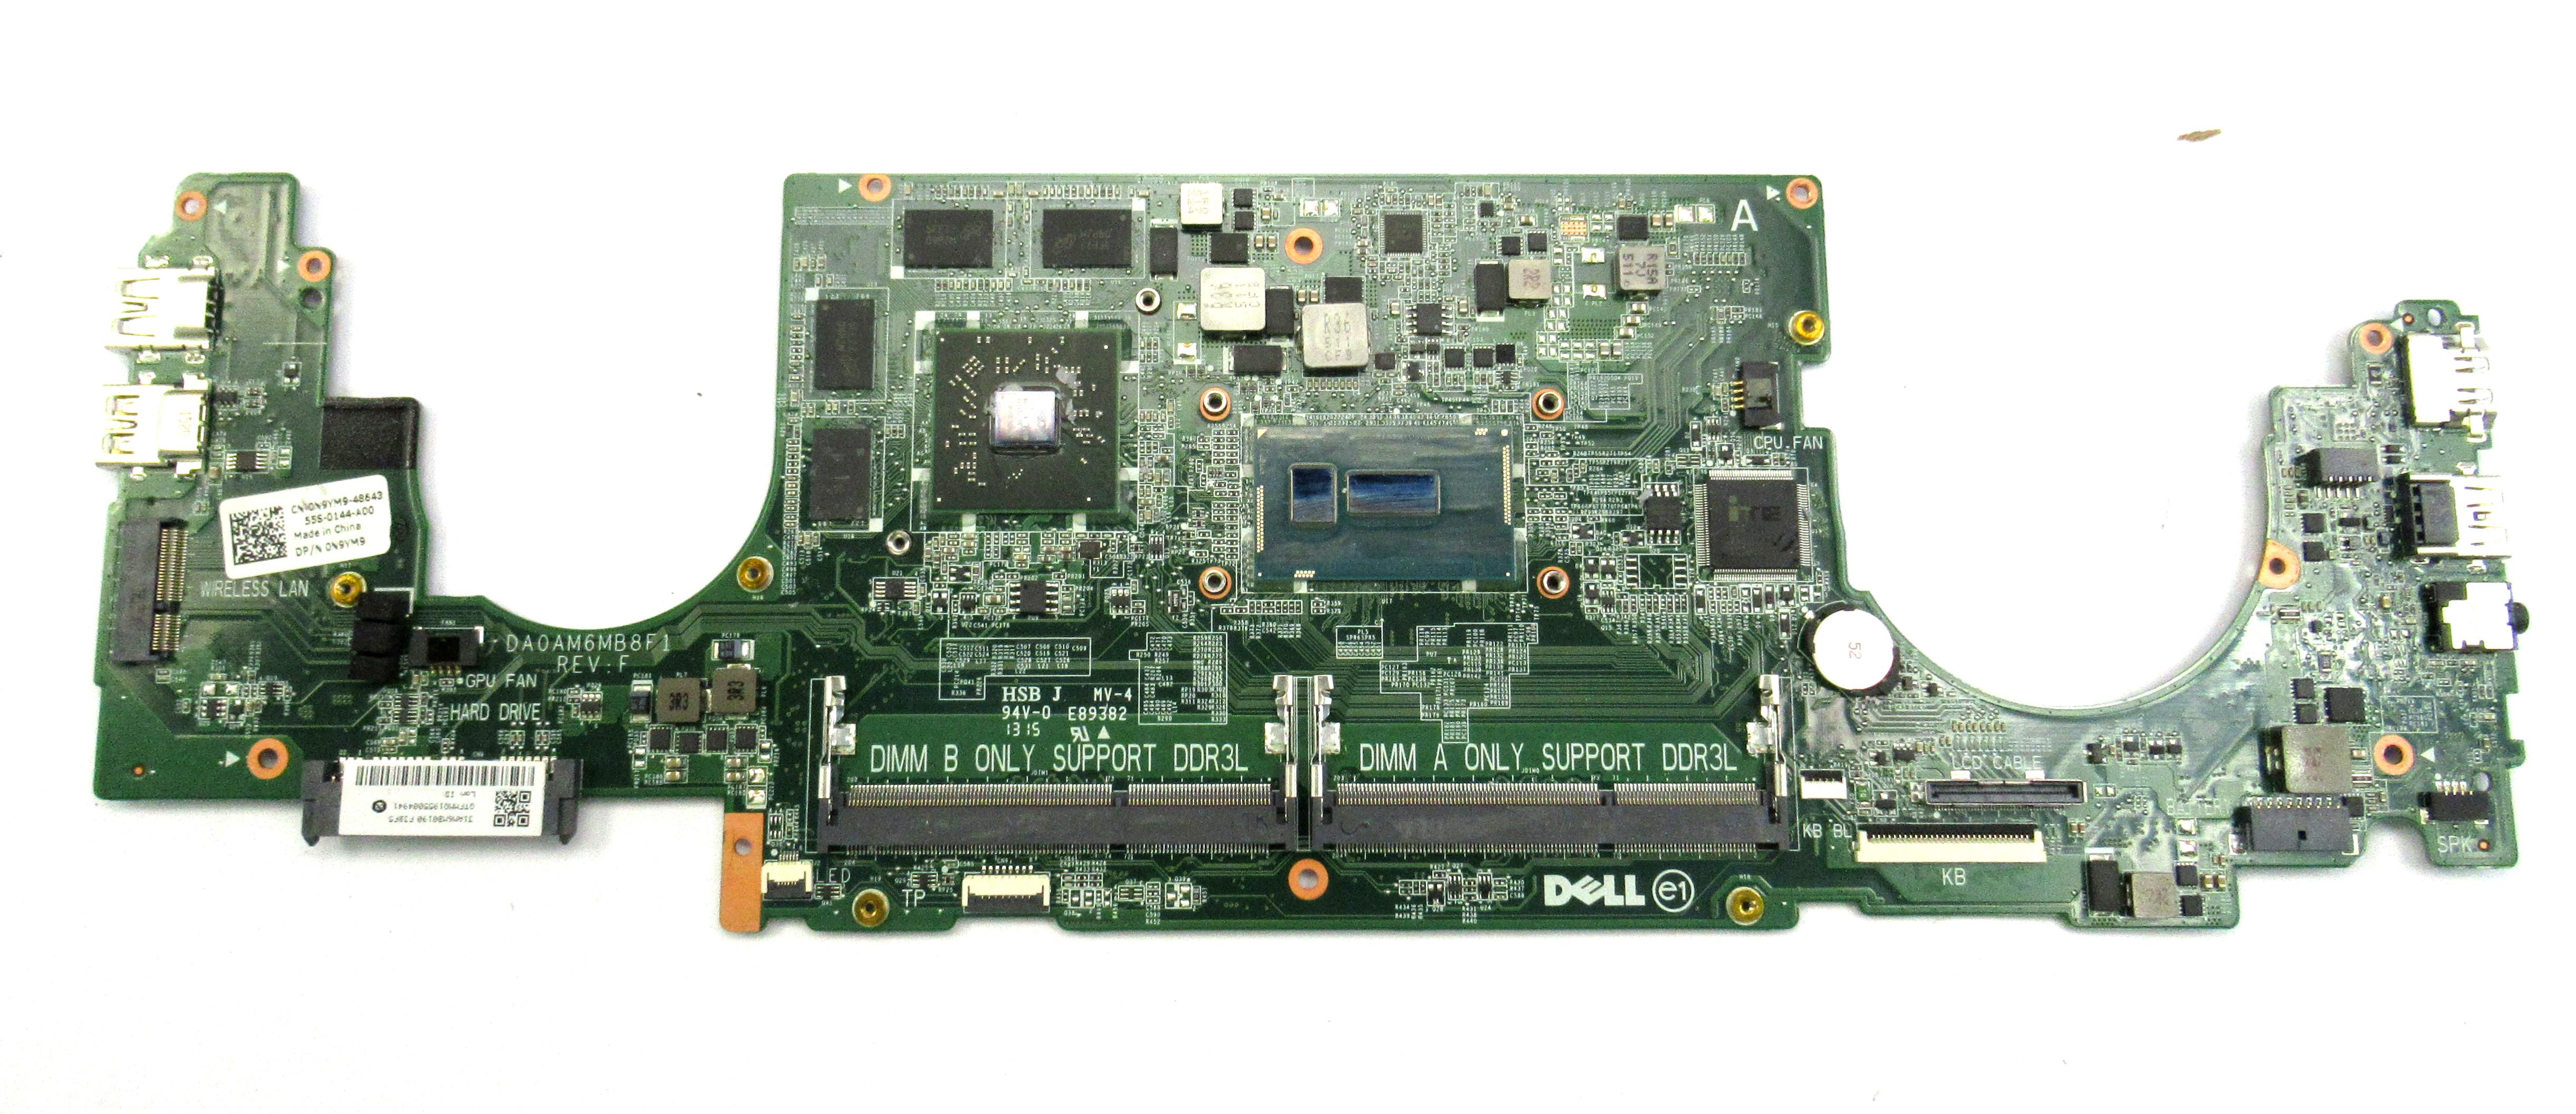 Dell Inspiron 7548 N9YM9 Laptop Motherboard /w Intel i7-5500U